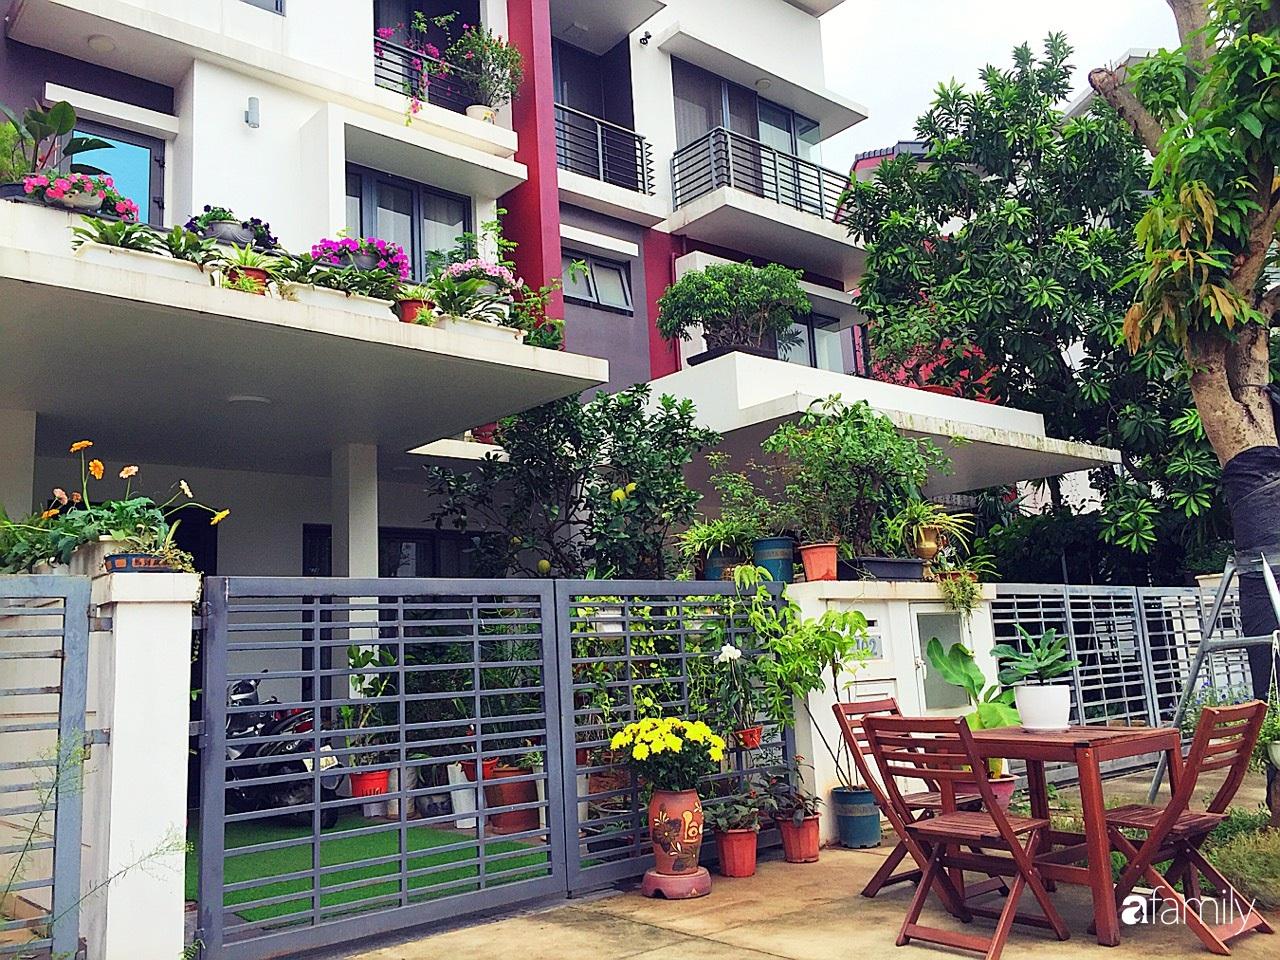 Không gian sống ngát hương bên khu vườn ngập tràn nắng ấm và rực rỡ sắc hoa ở Hà Nội - Ảnh 5.